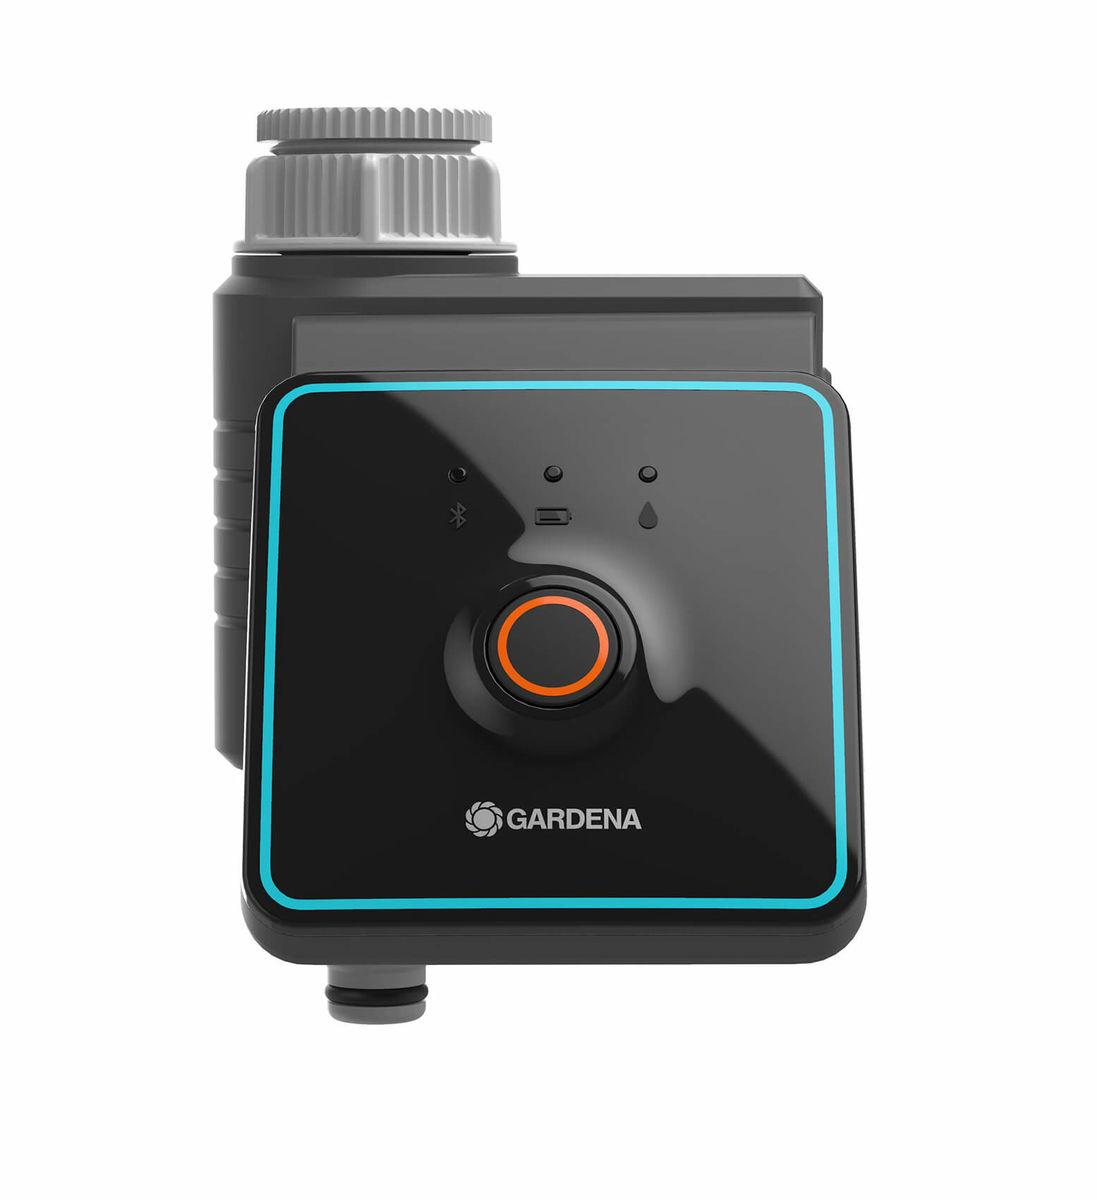 Image of Gardena Bewässerungssteuerung Bluetooth